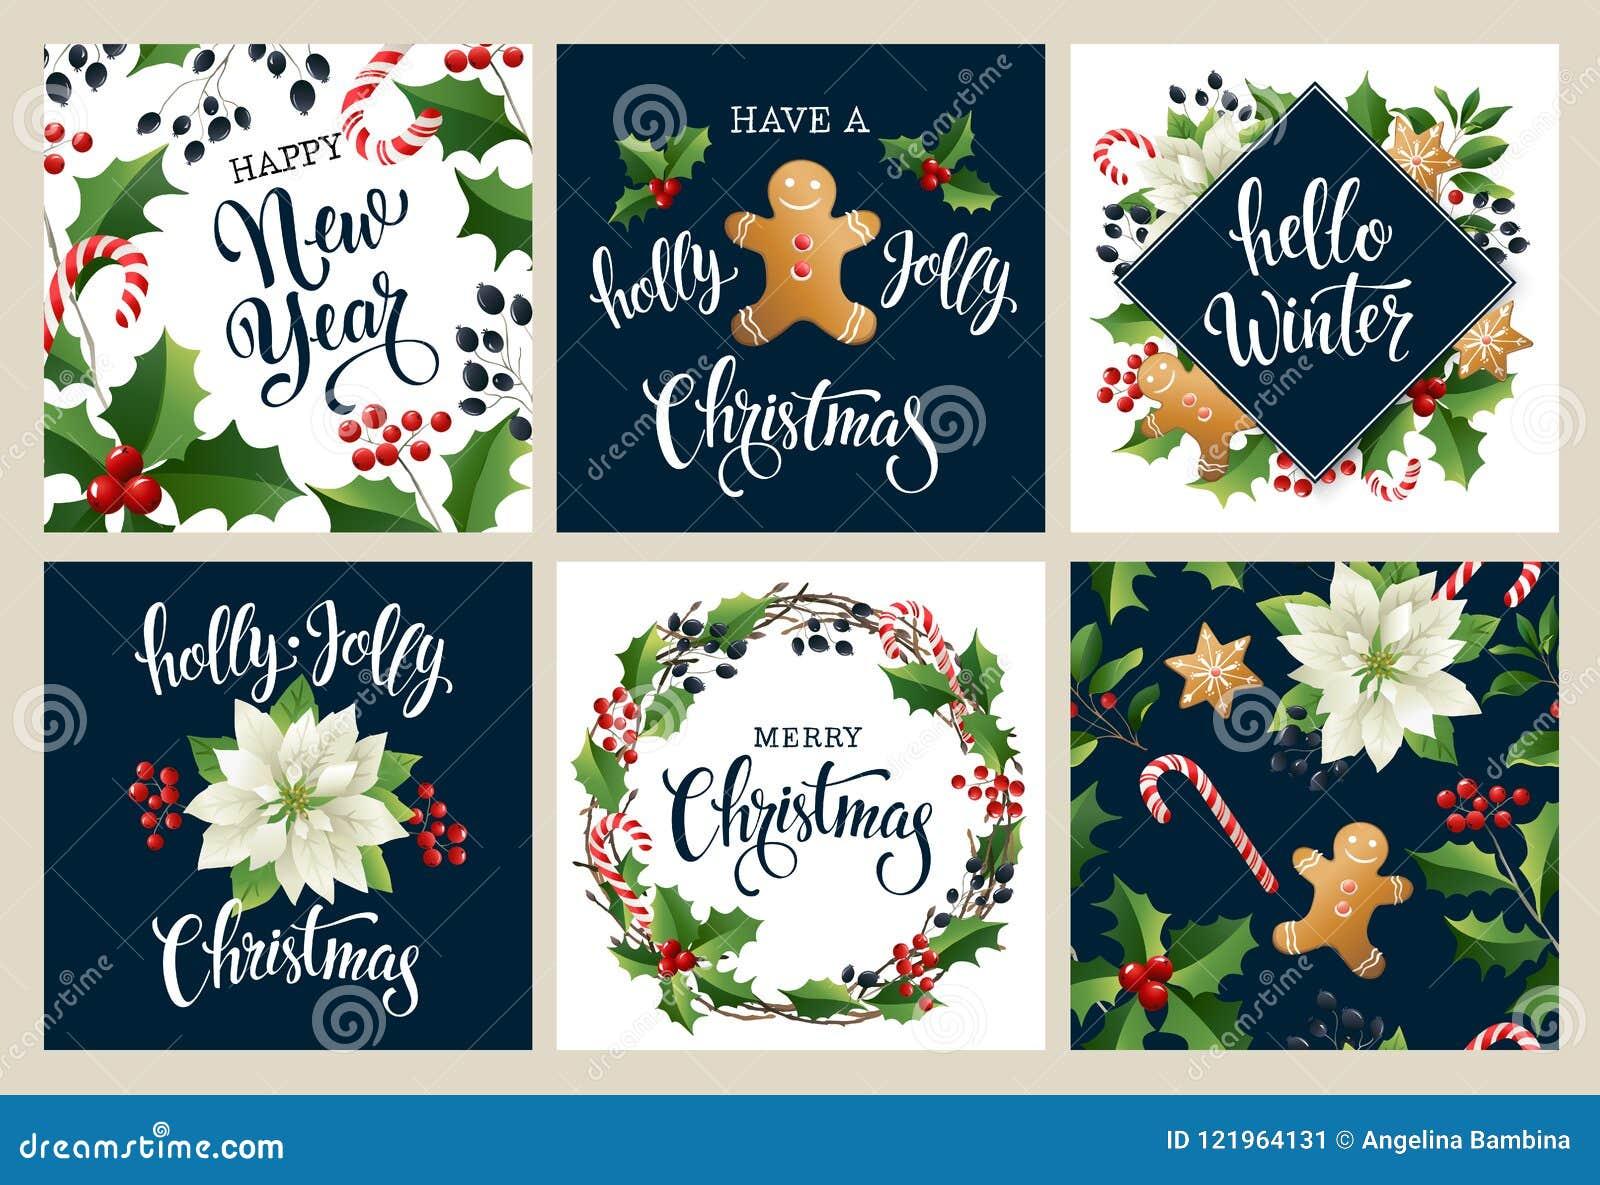 新年快乐2019年 圣诞快乐白色和黑collors 为海报,卡片,邀请,招贴, flayer,小册子设计 Vect